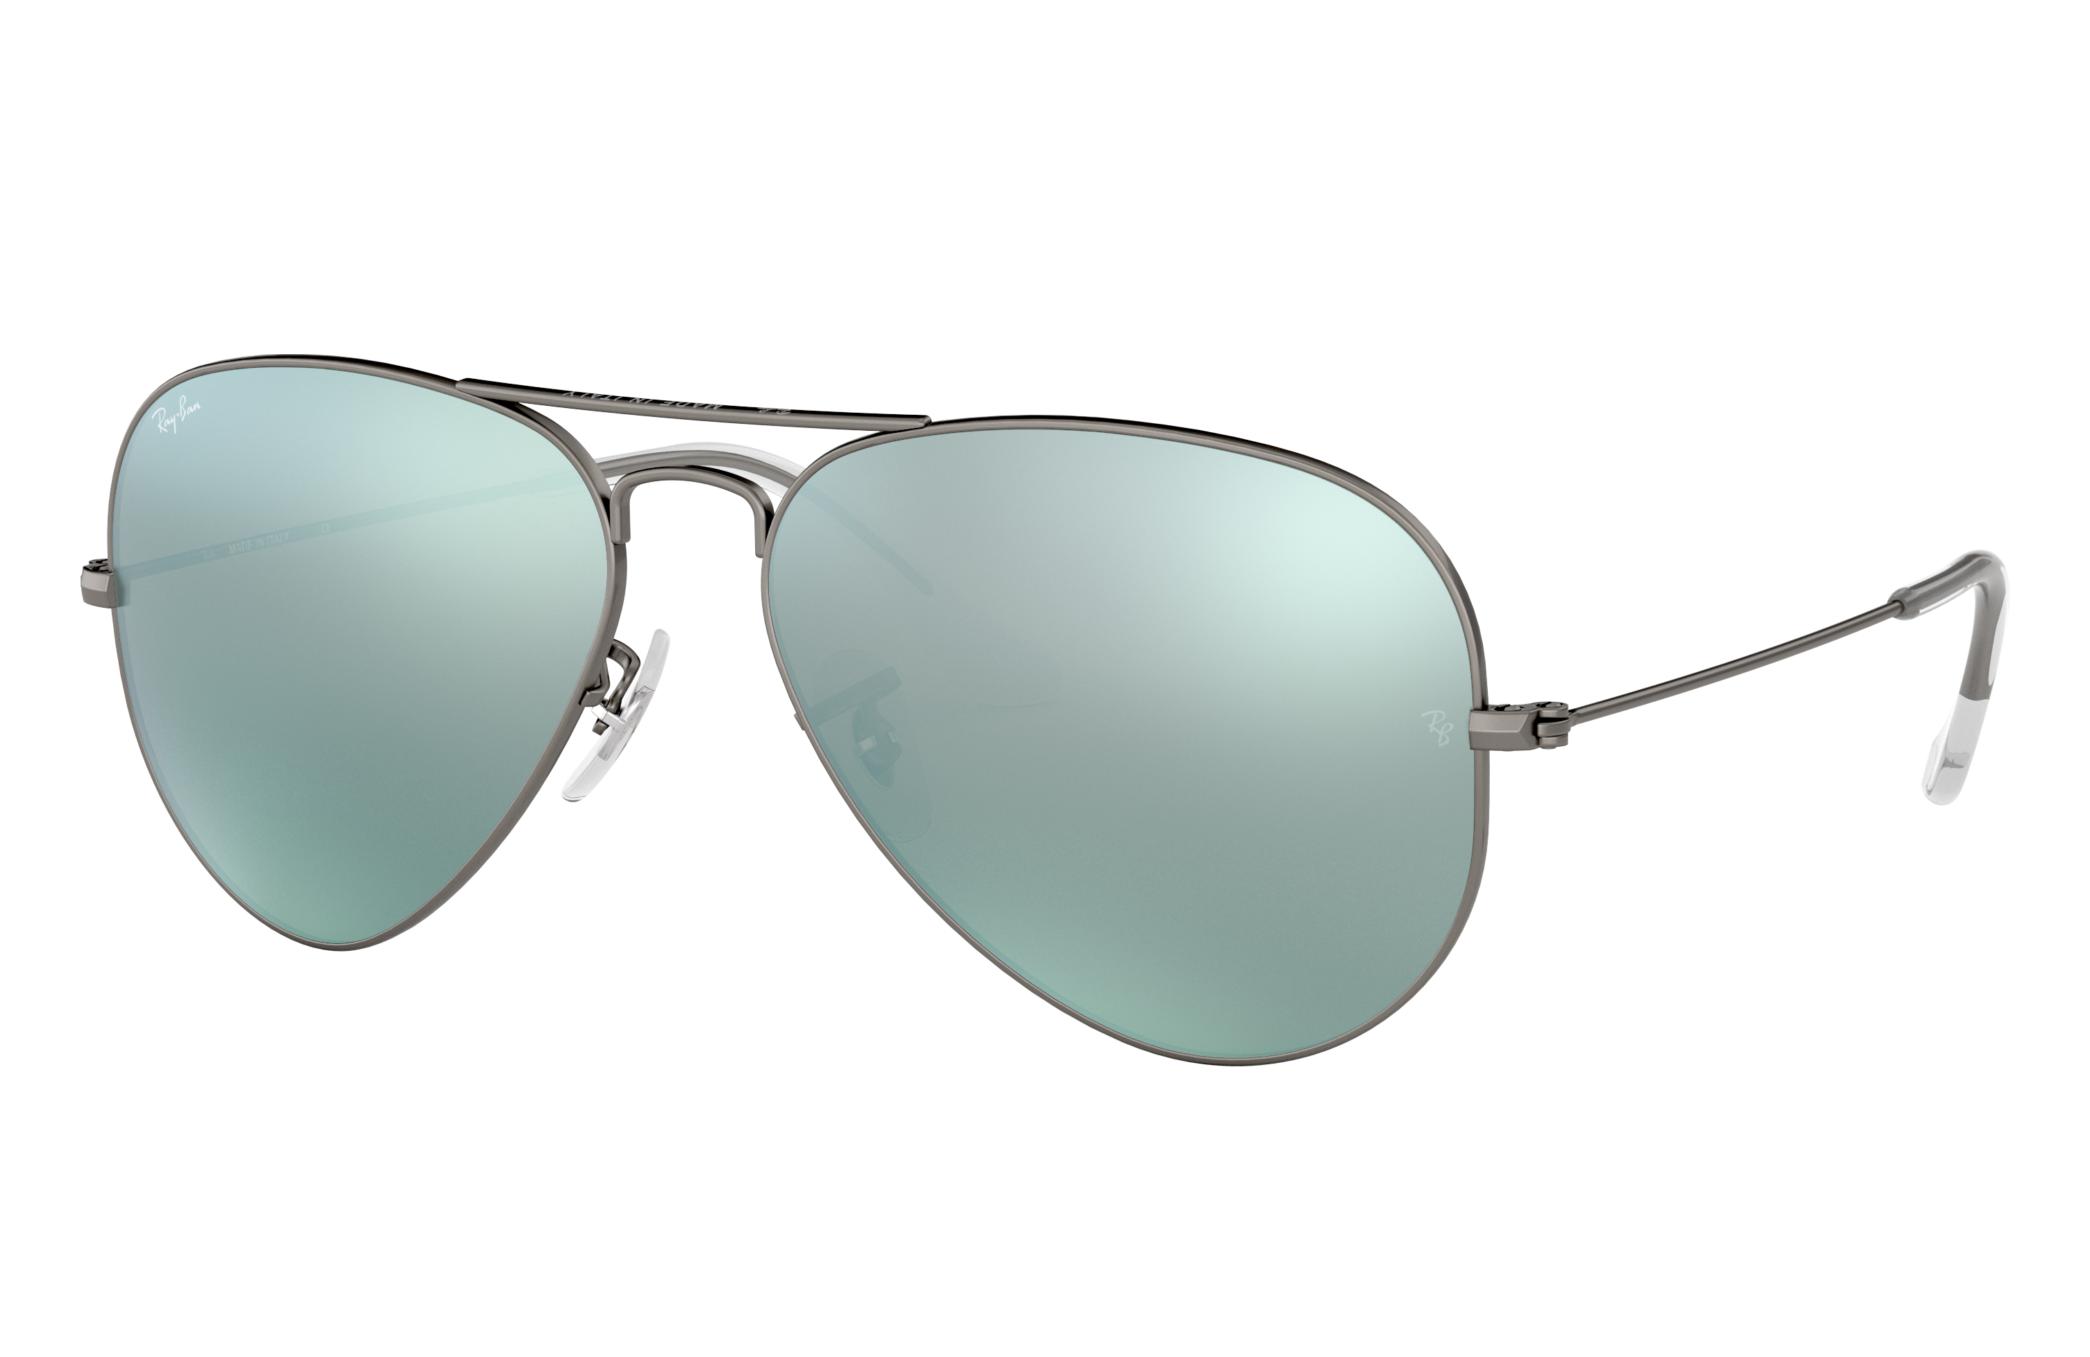 Ray-Ban Aviator Flash Lenses Gunmetal, Gray Lenses - RB3025